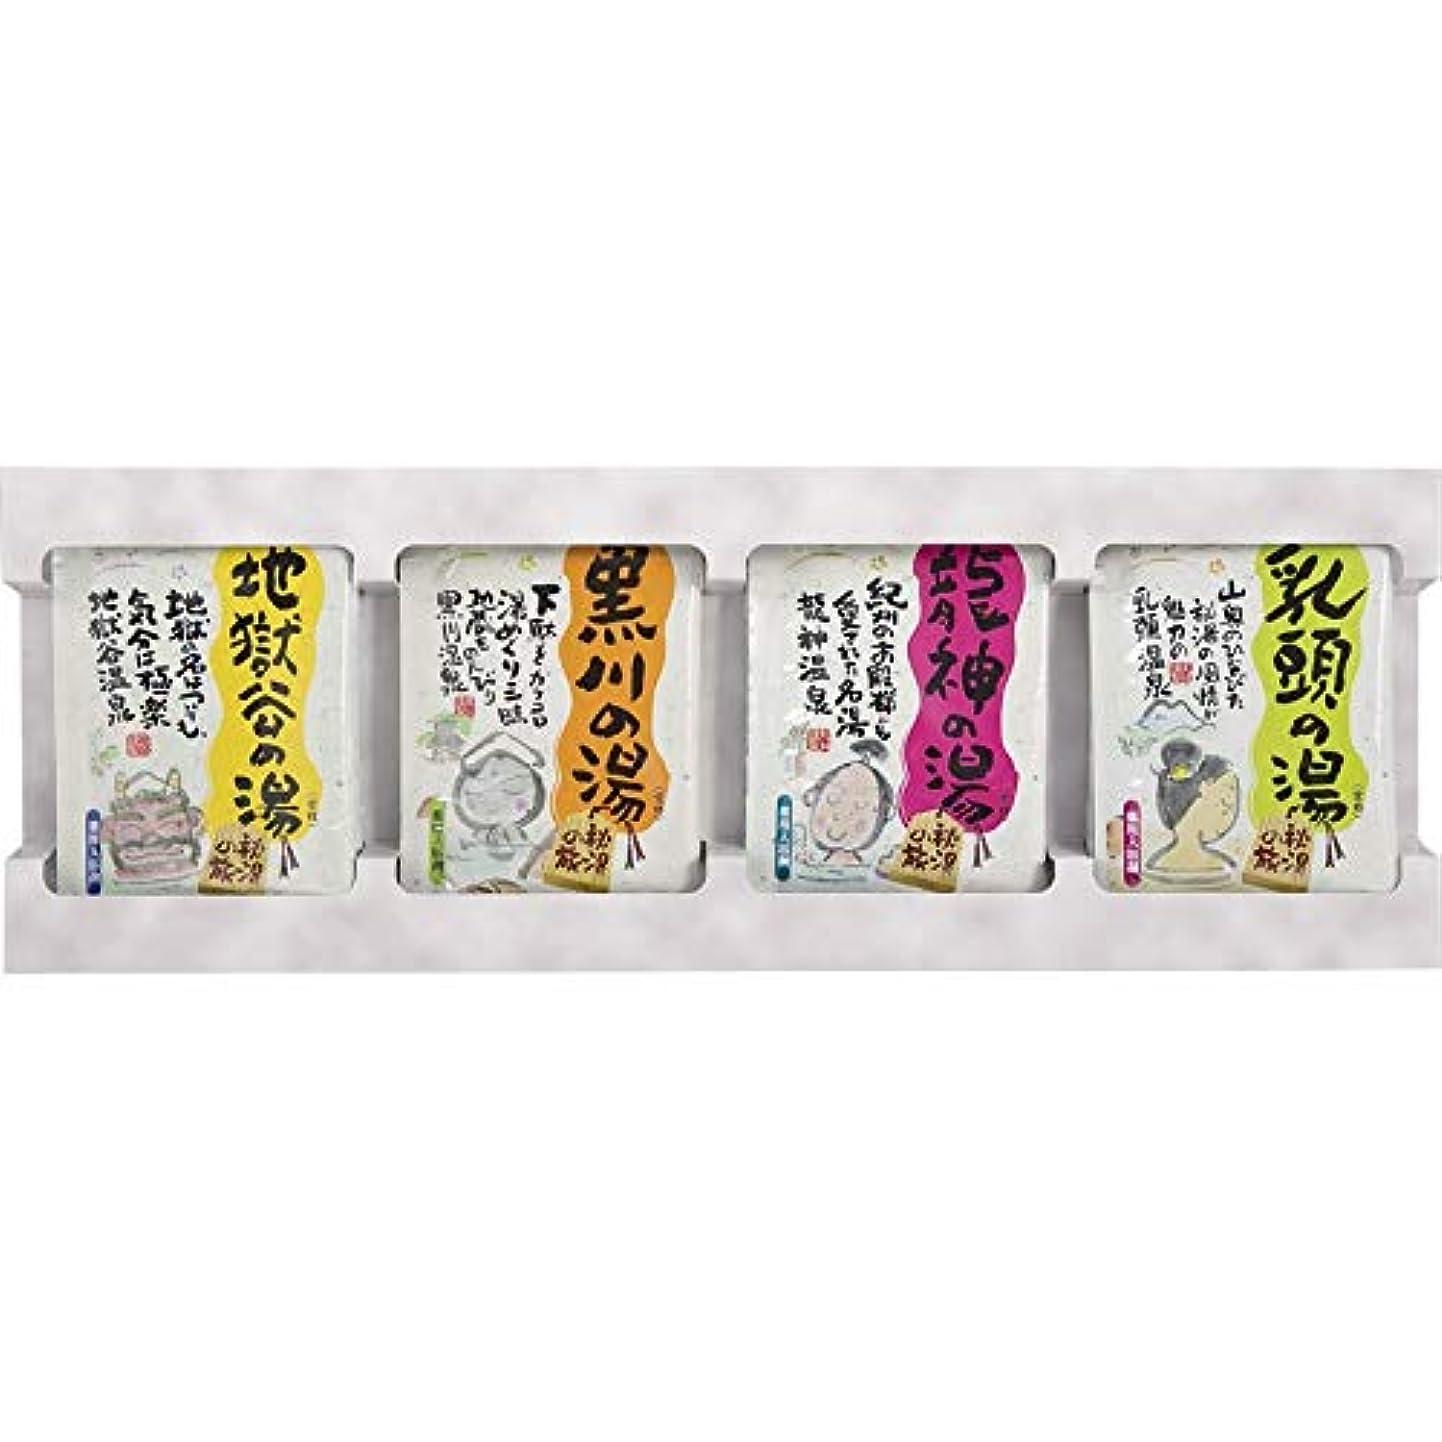 仮装亜熱帯高齢者薬用入浴剤秘湯の旅10P PH-10P 【やくようにゅうよくざい ひとうのたび 日本製 国産 せっと セット 10包 】